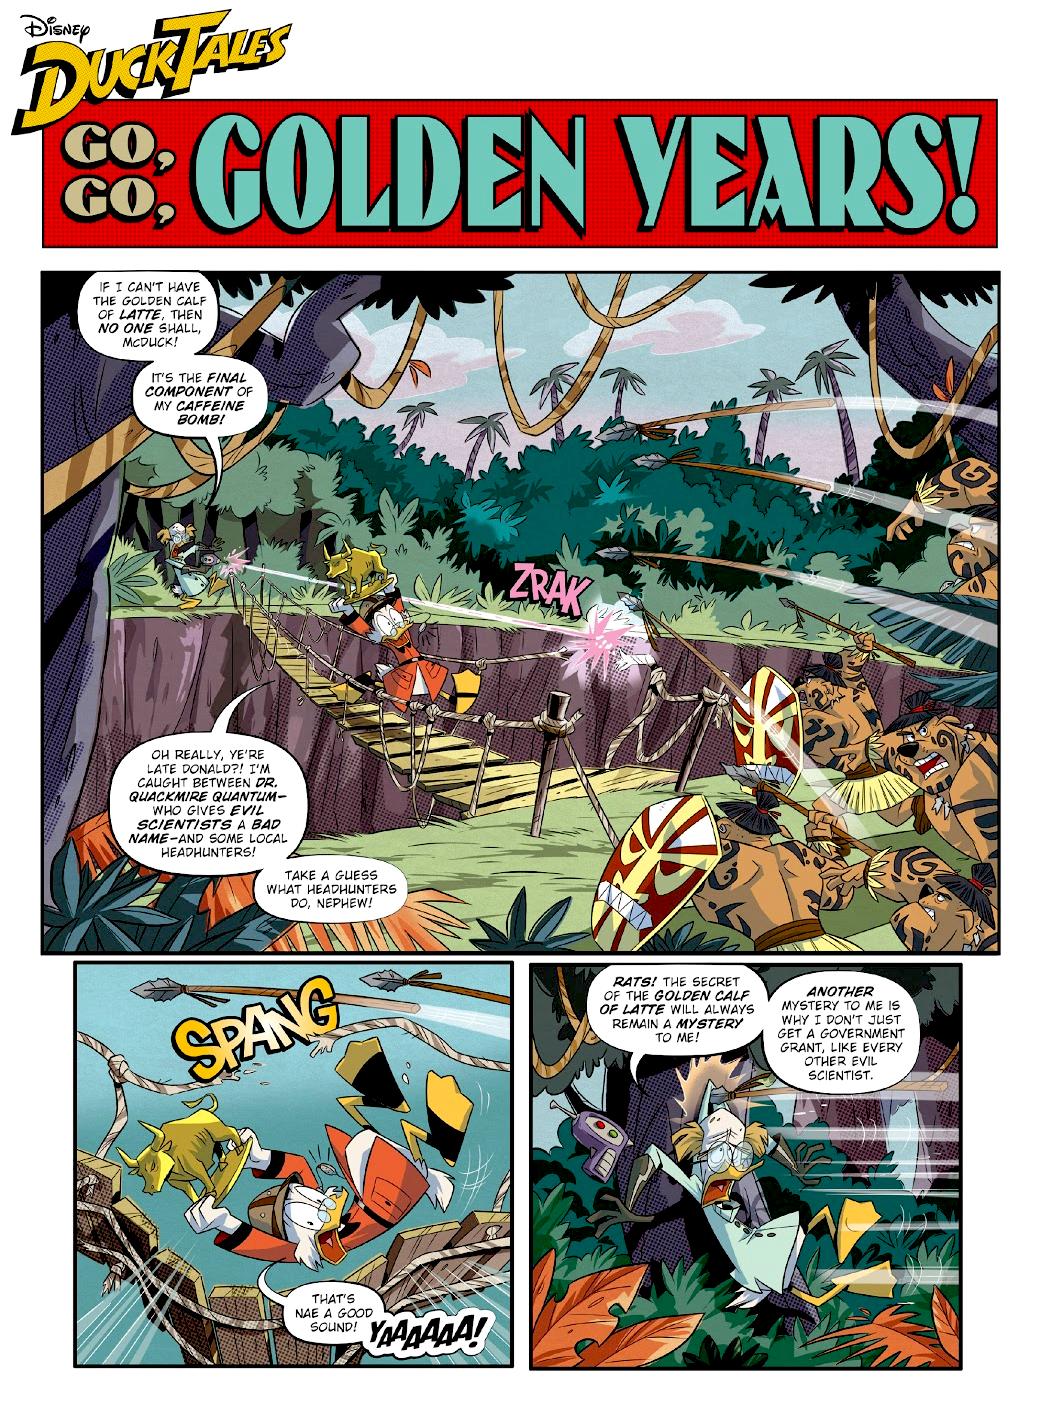 Go, Go, Golden Years!